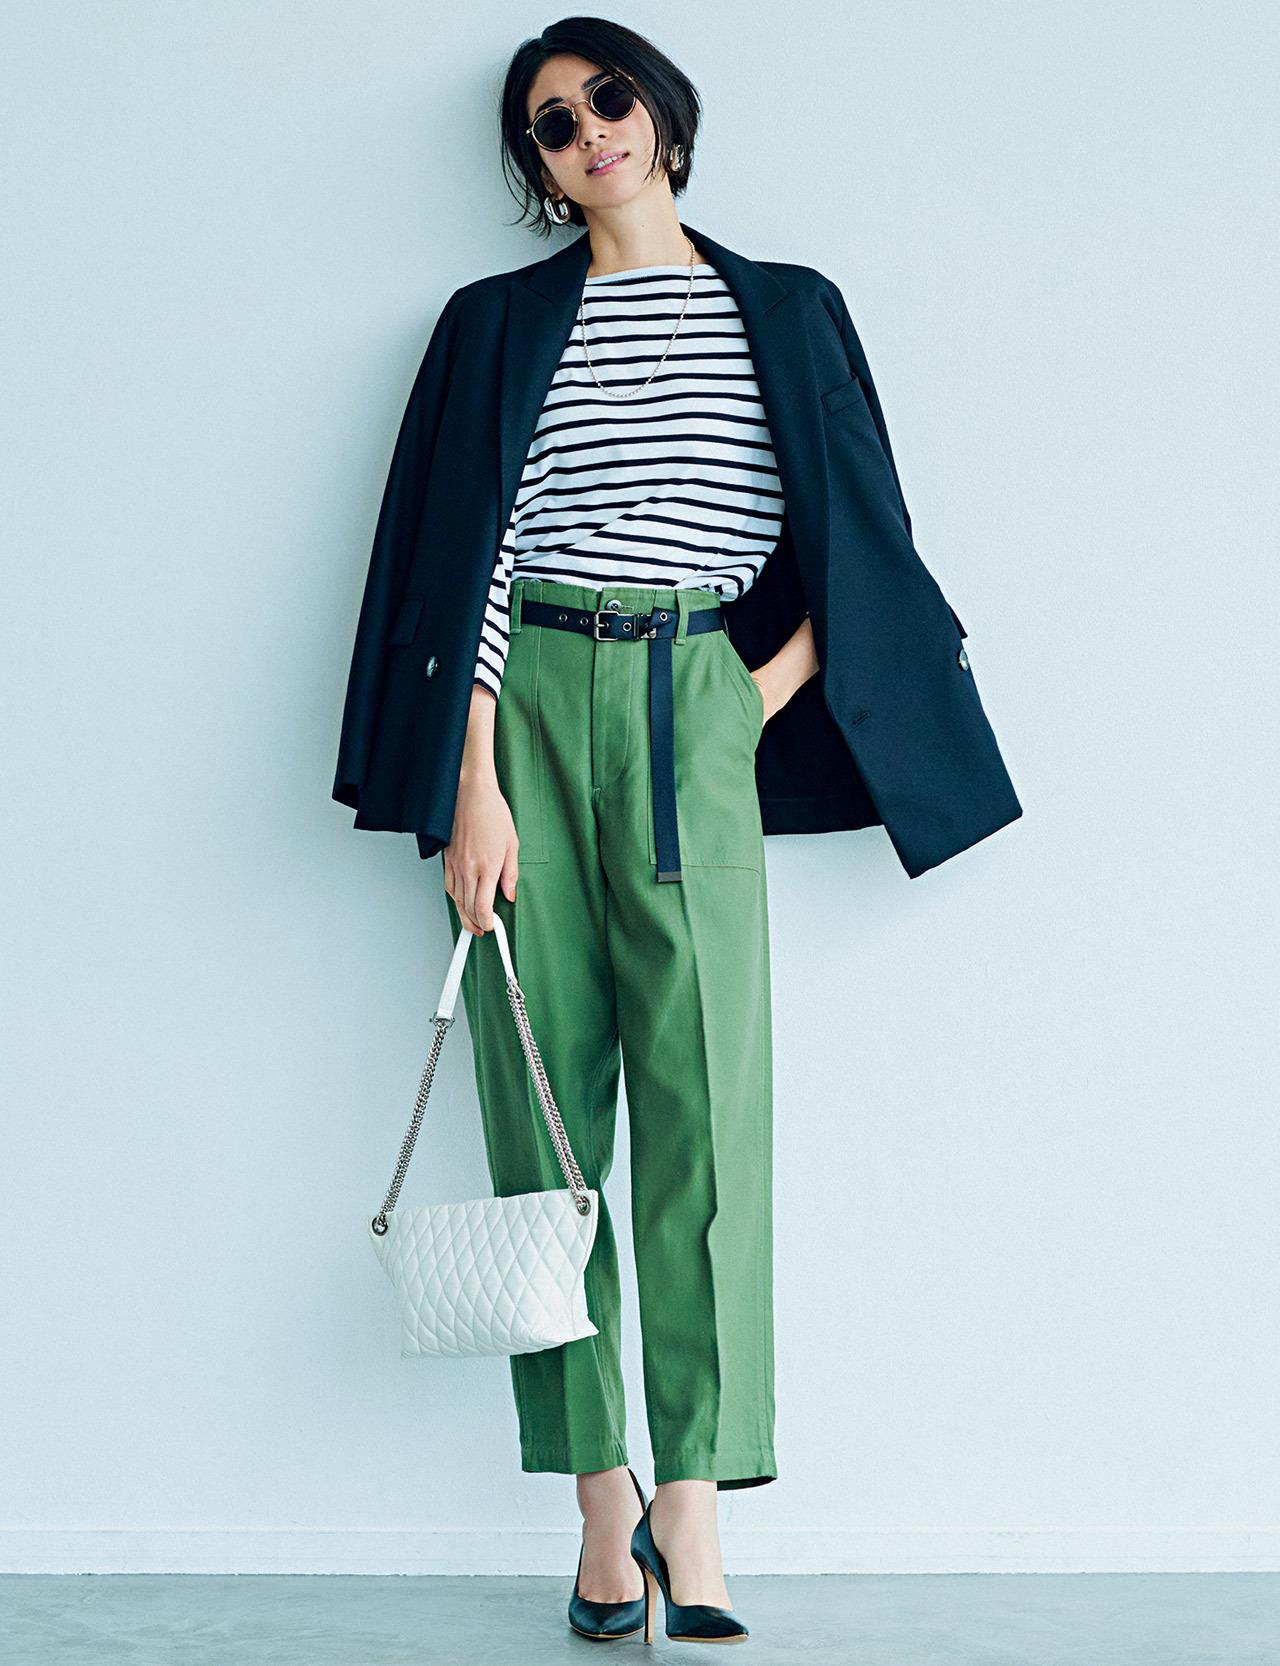 平均気温25度の初秋にベストな服装は? 季節の変わり目に着たいコーデ|40代ファッションまとめ_1_8